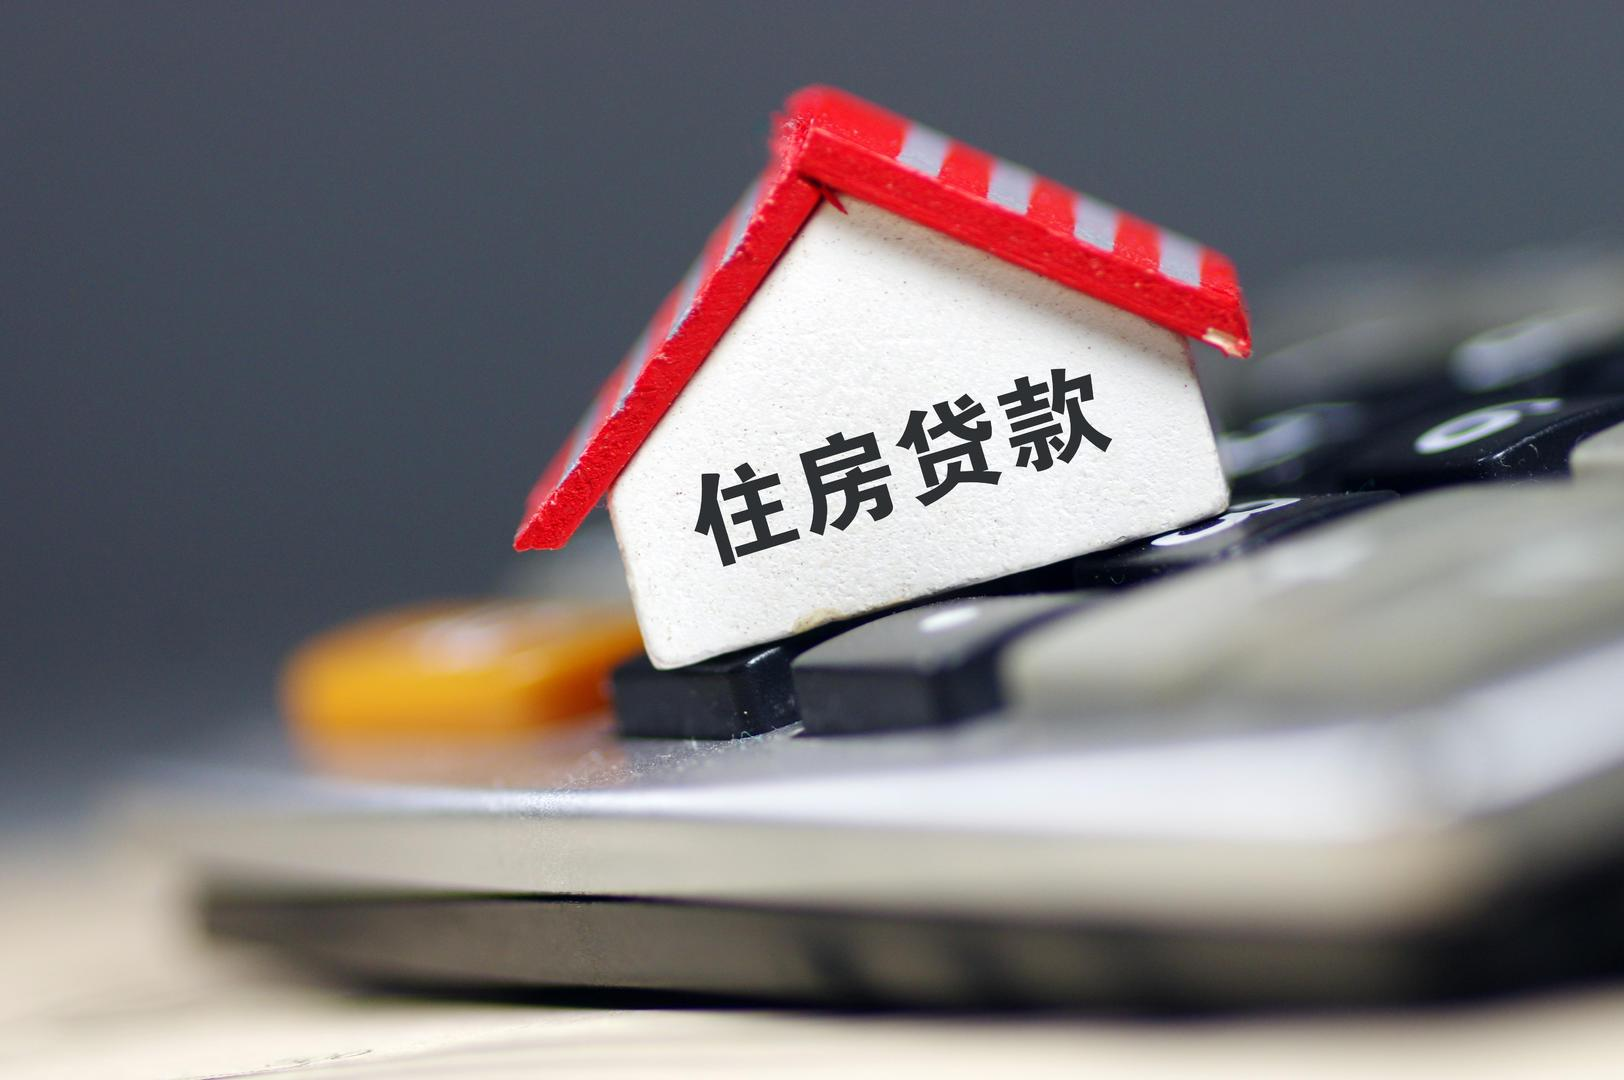 """多地房貸利率""""漲價"""" 剛需族買房又難了嗎?"""